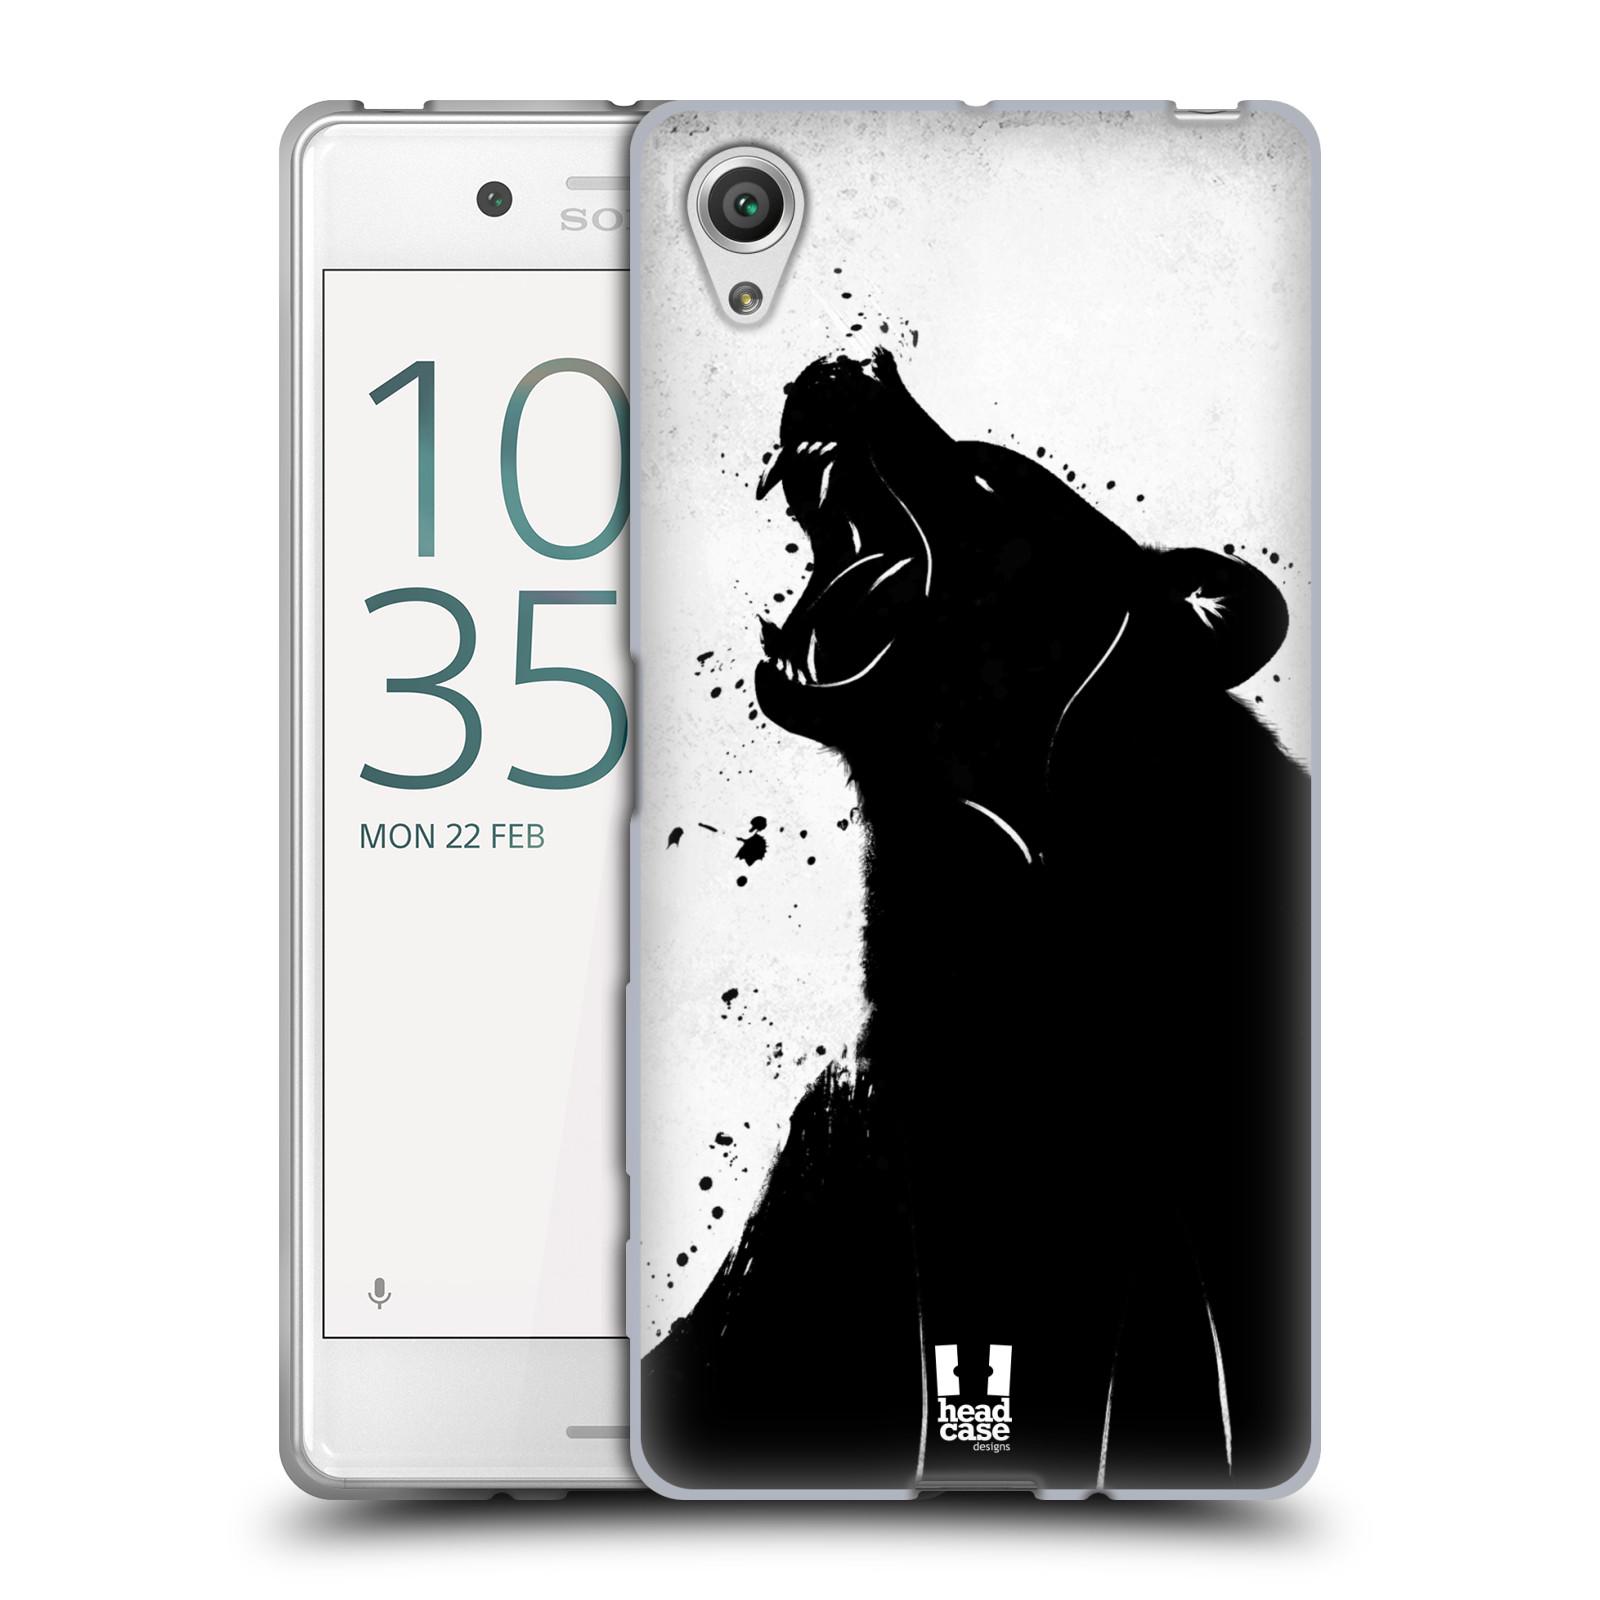 HEAD CASE silikonový obal na mobil Sony Xperia X / X DUAL vzor Kresba tuš zvíře medvěd